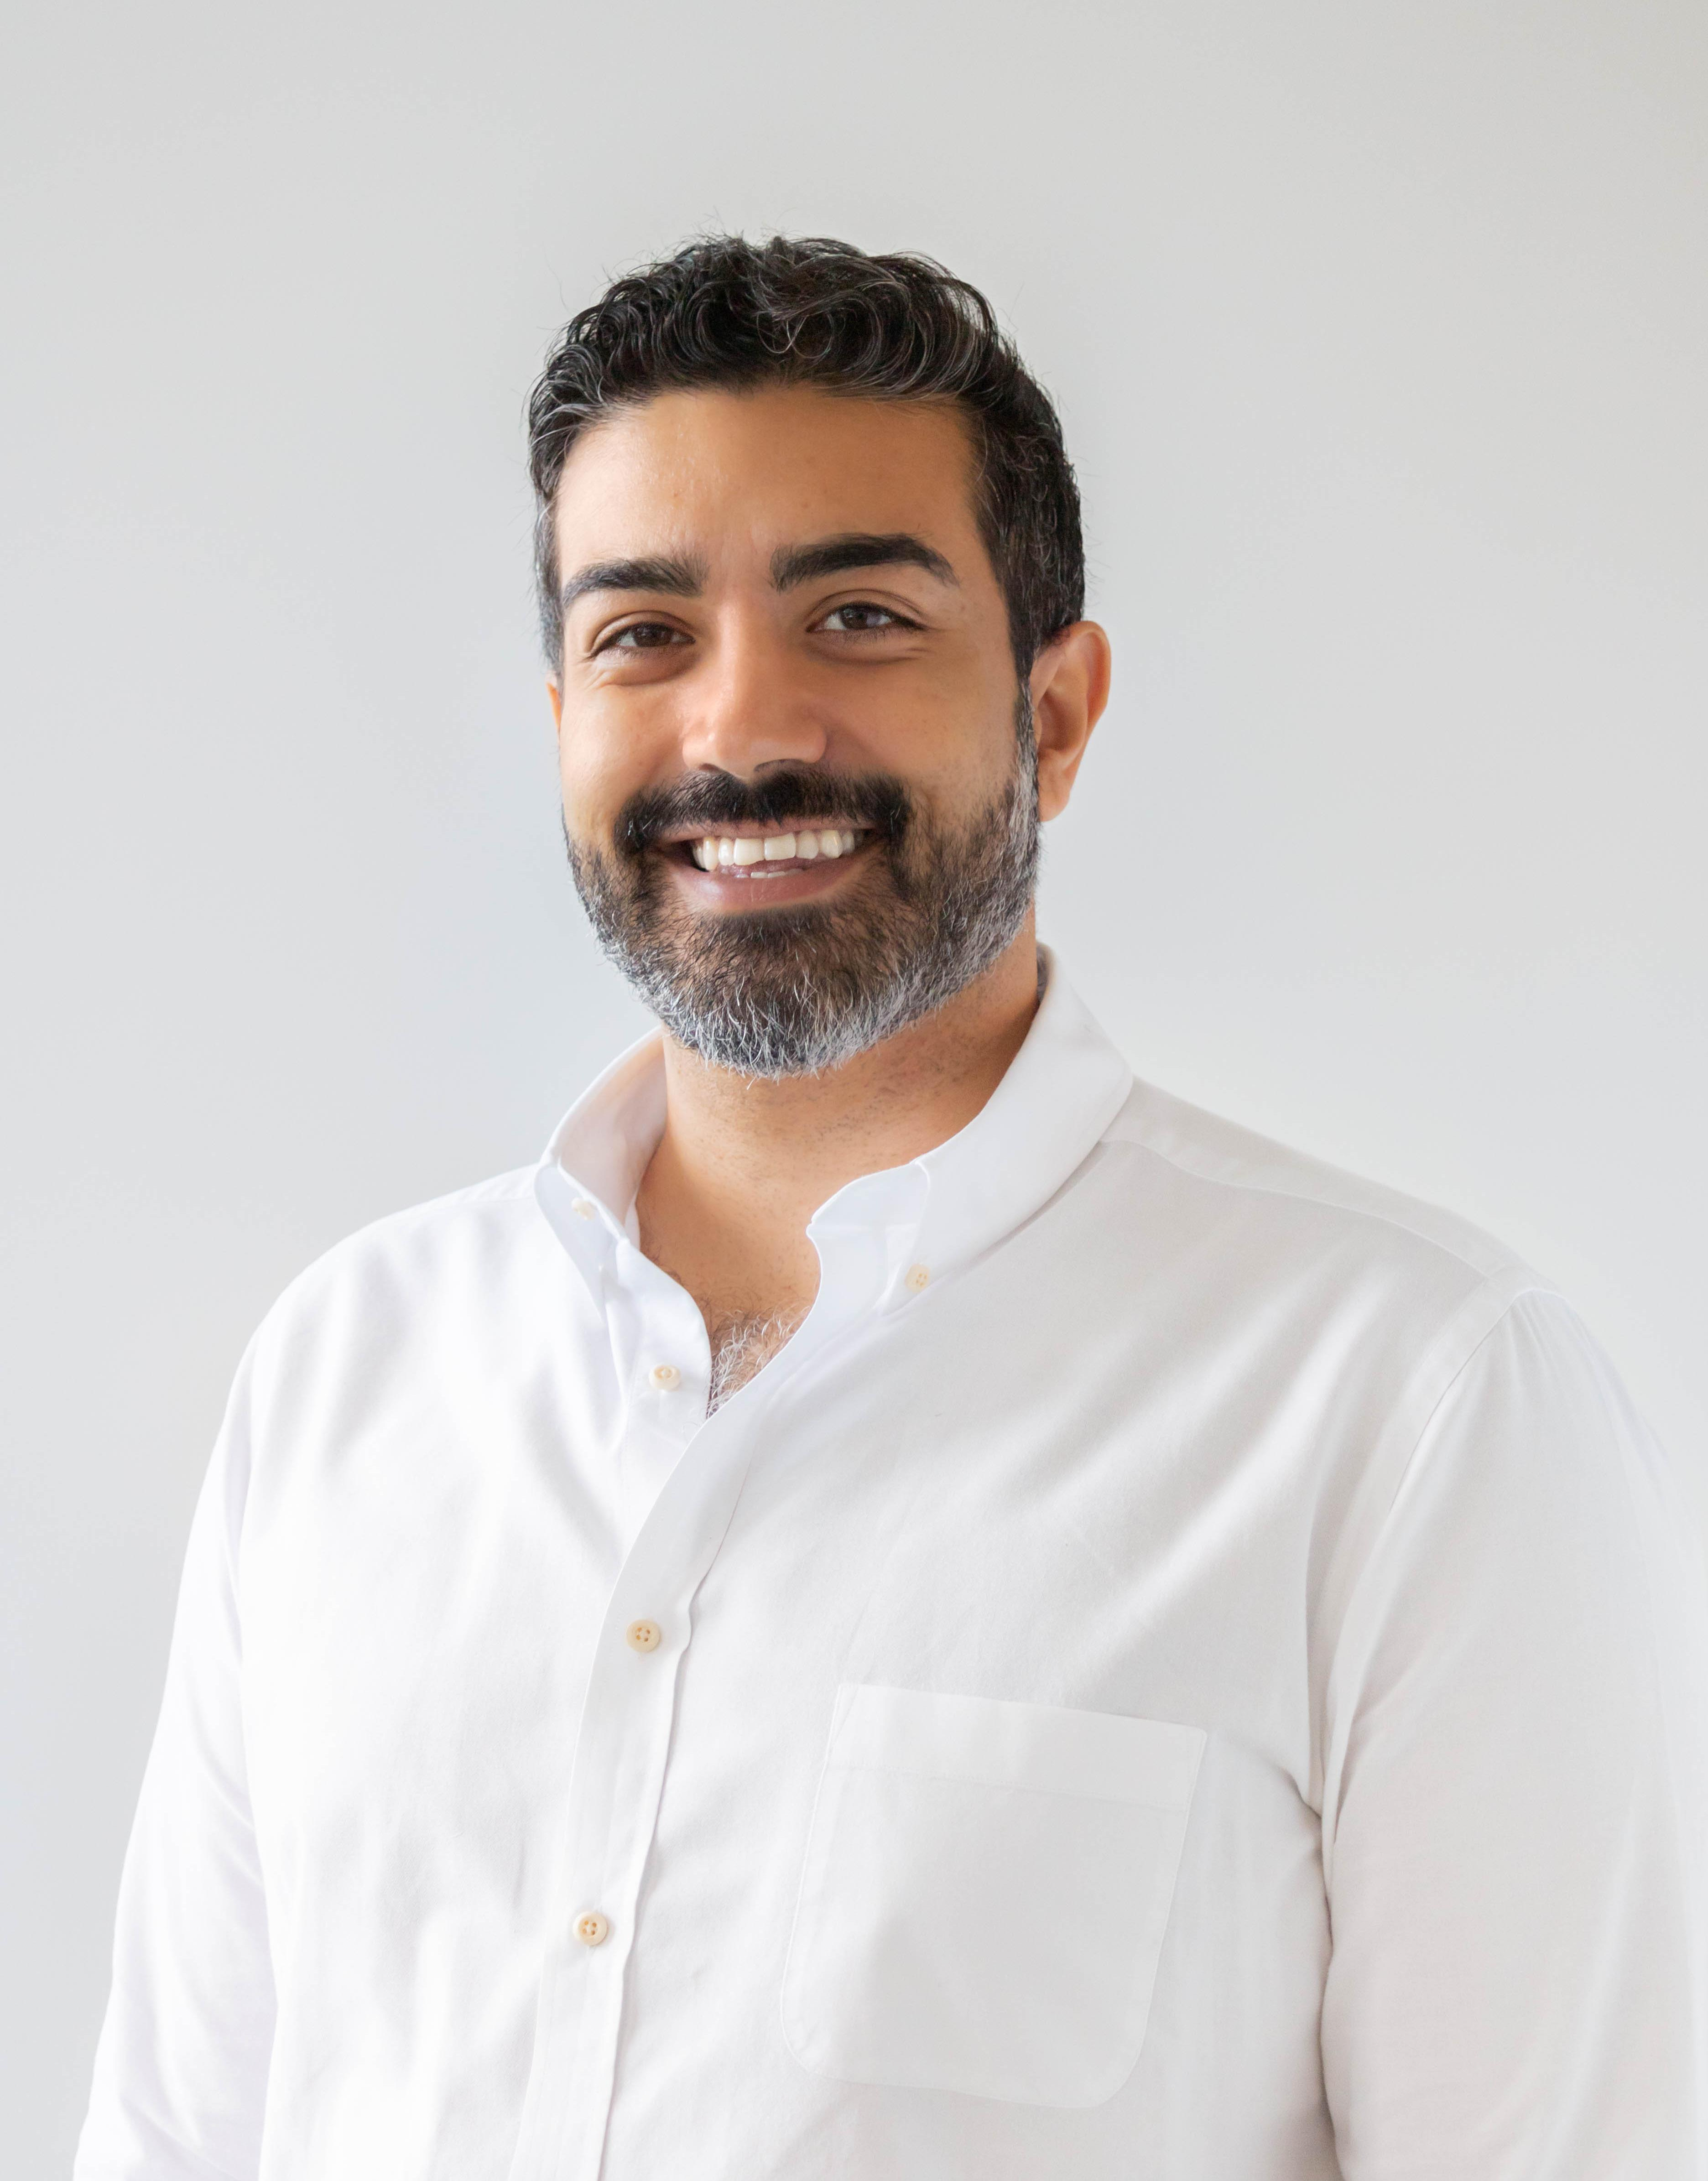 Roham Gharegozlou, CEO of Dapper Labs.